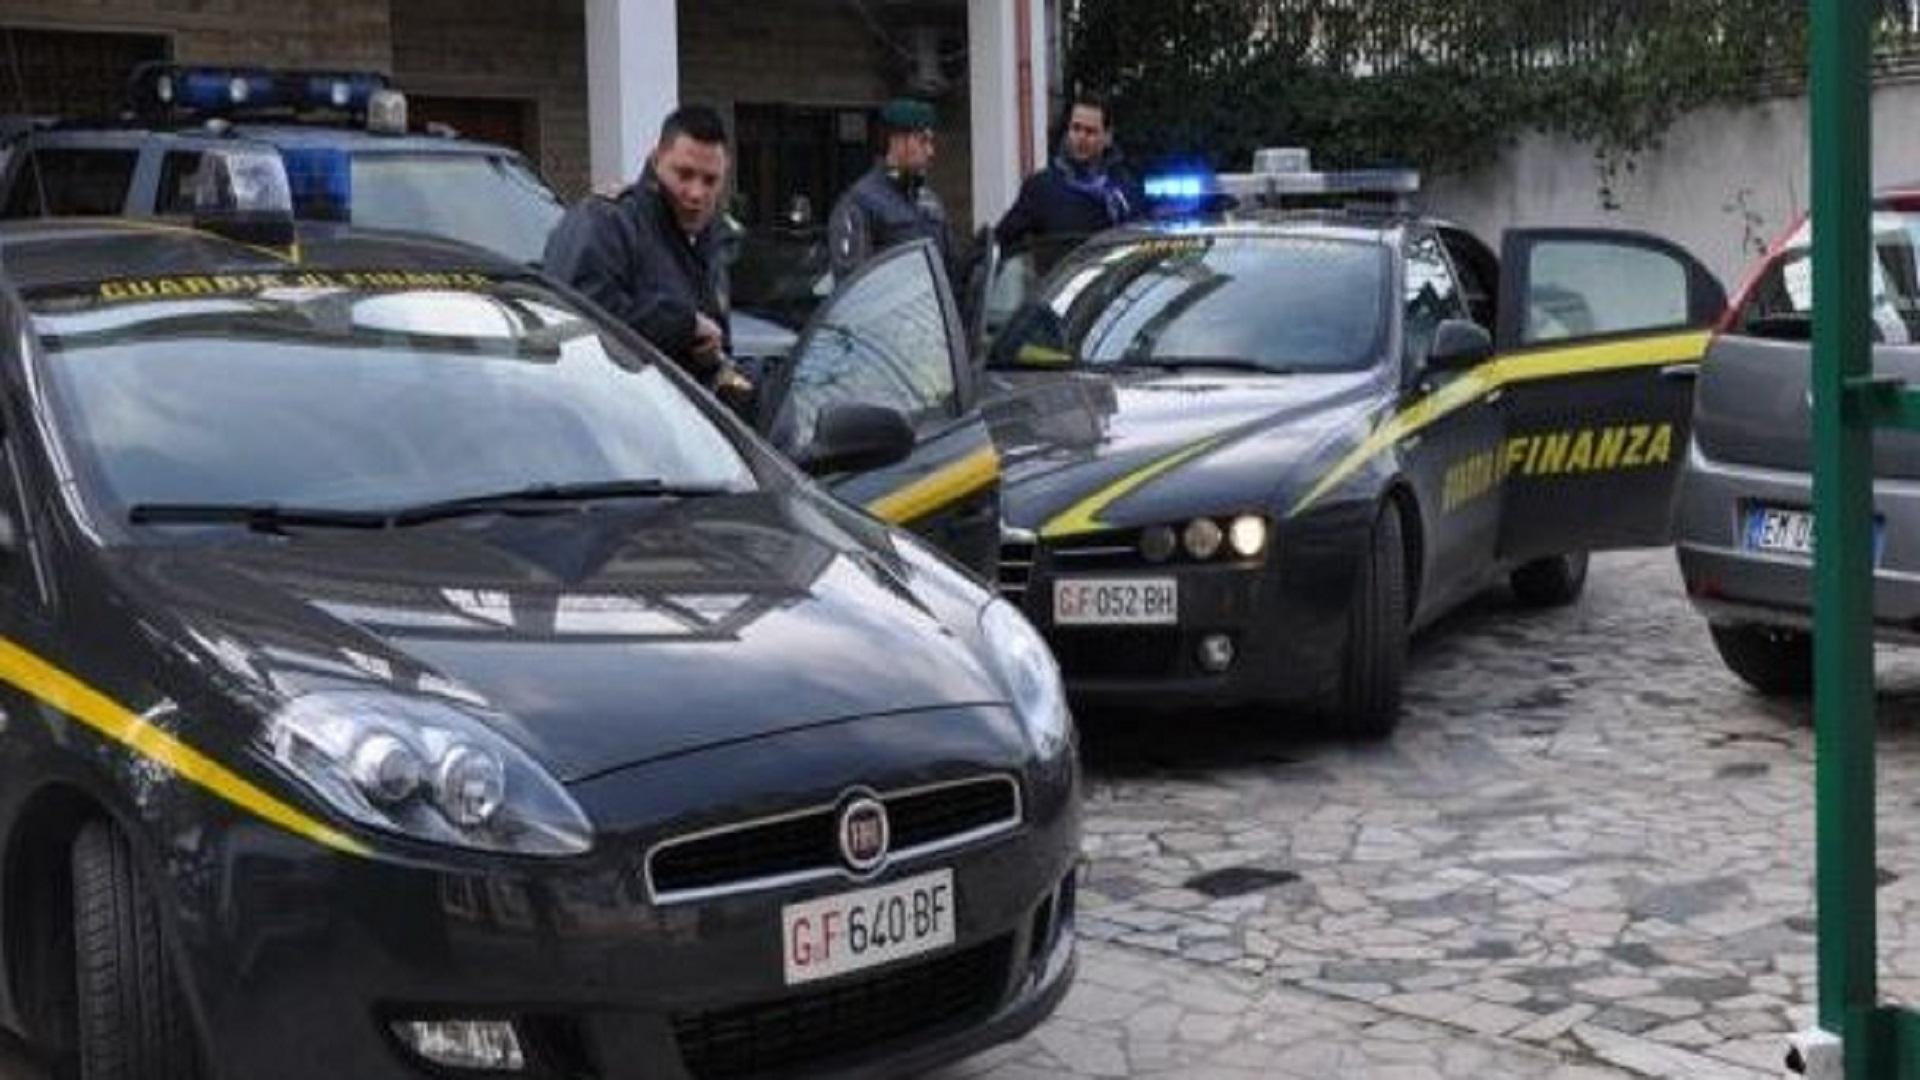 False indennità a Catania, truffa all'Inps: più di 20 indagati